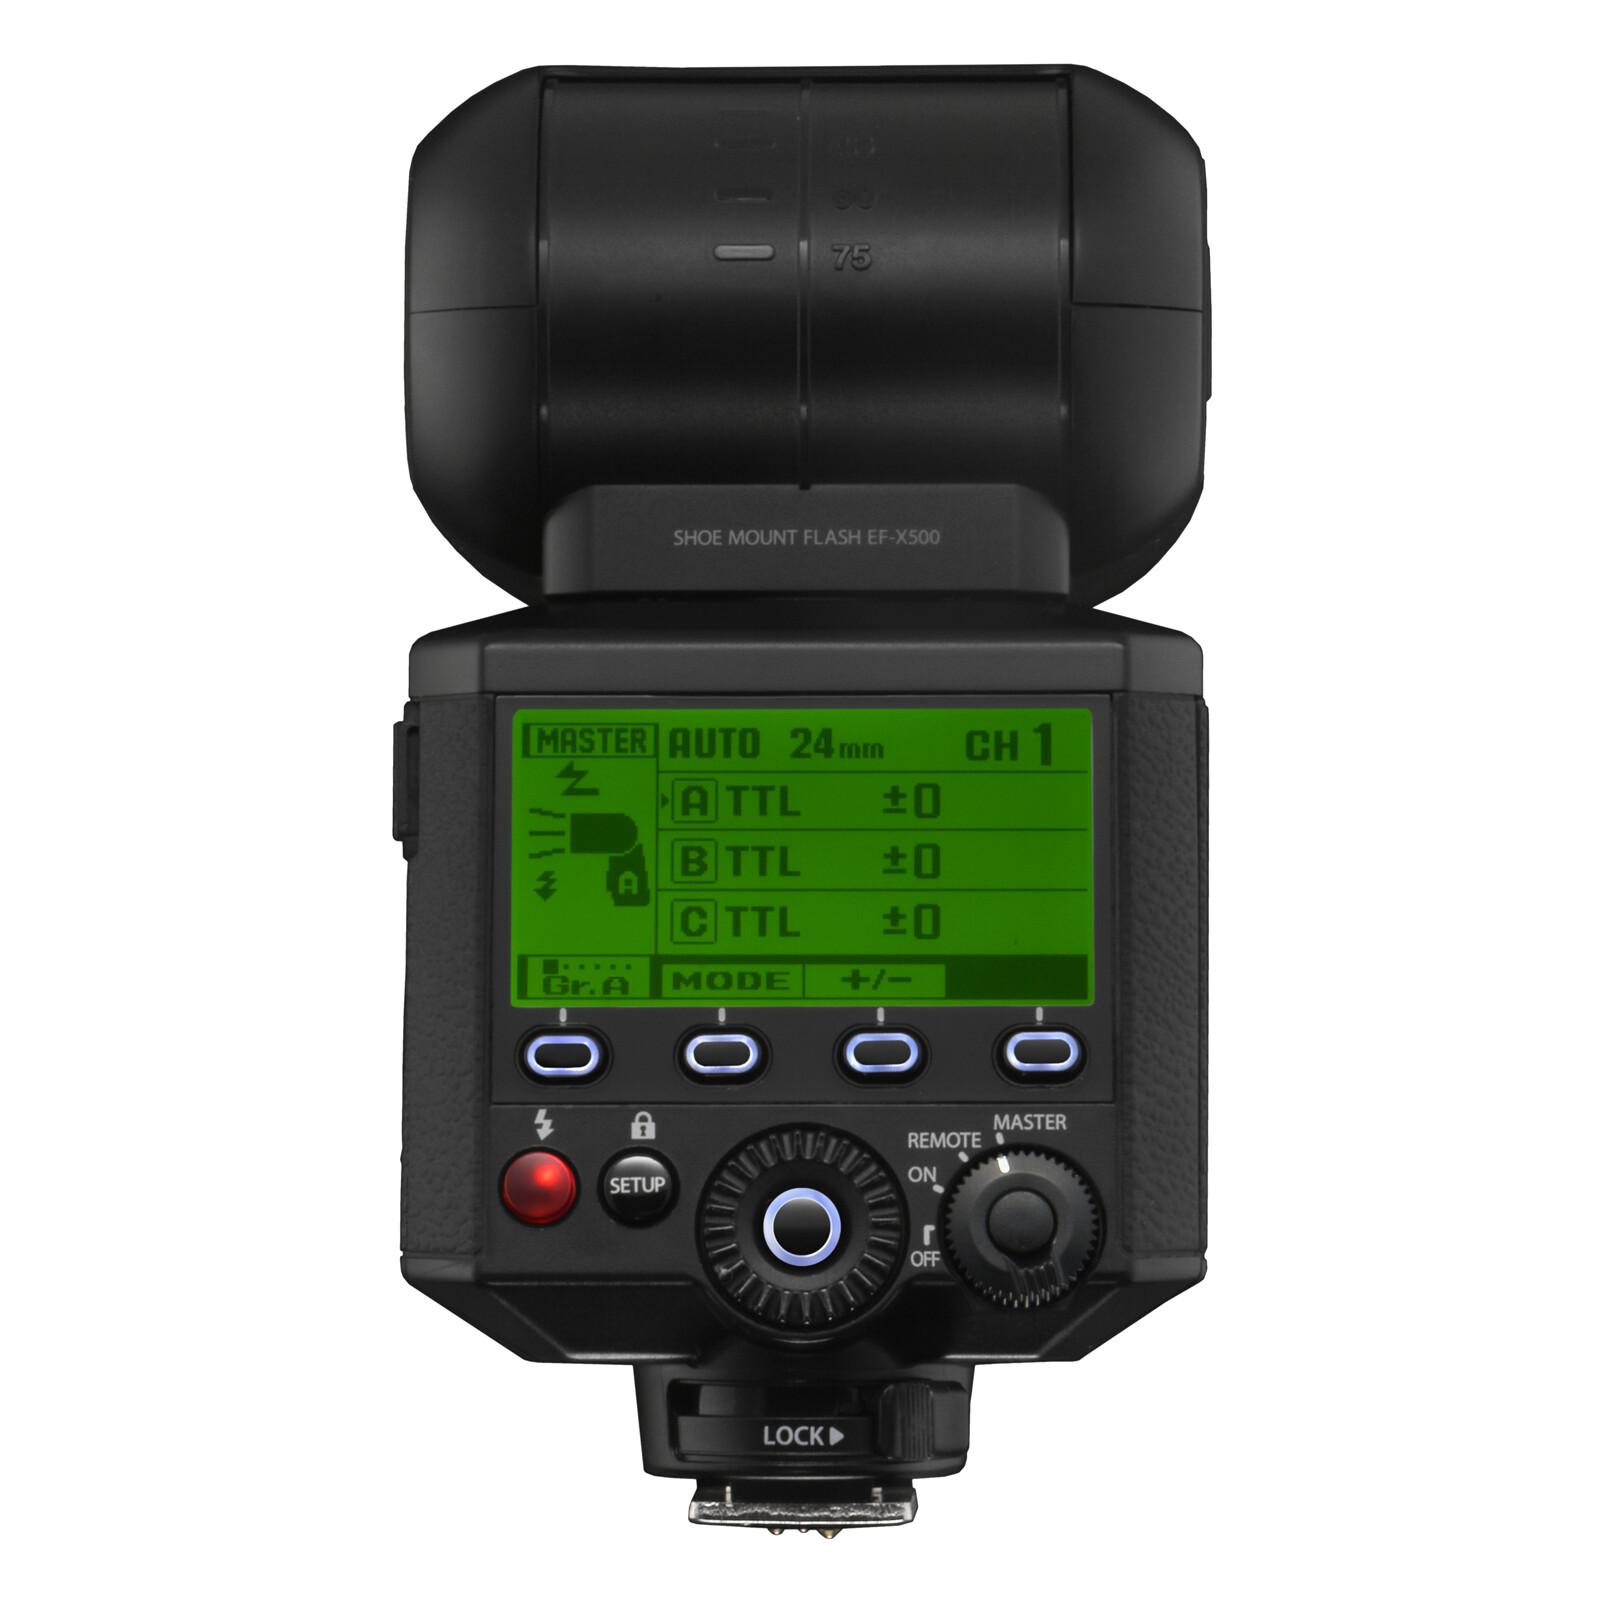 Fujifilm EF-X500 TTL Blitz